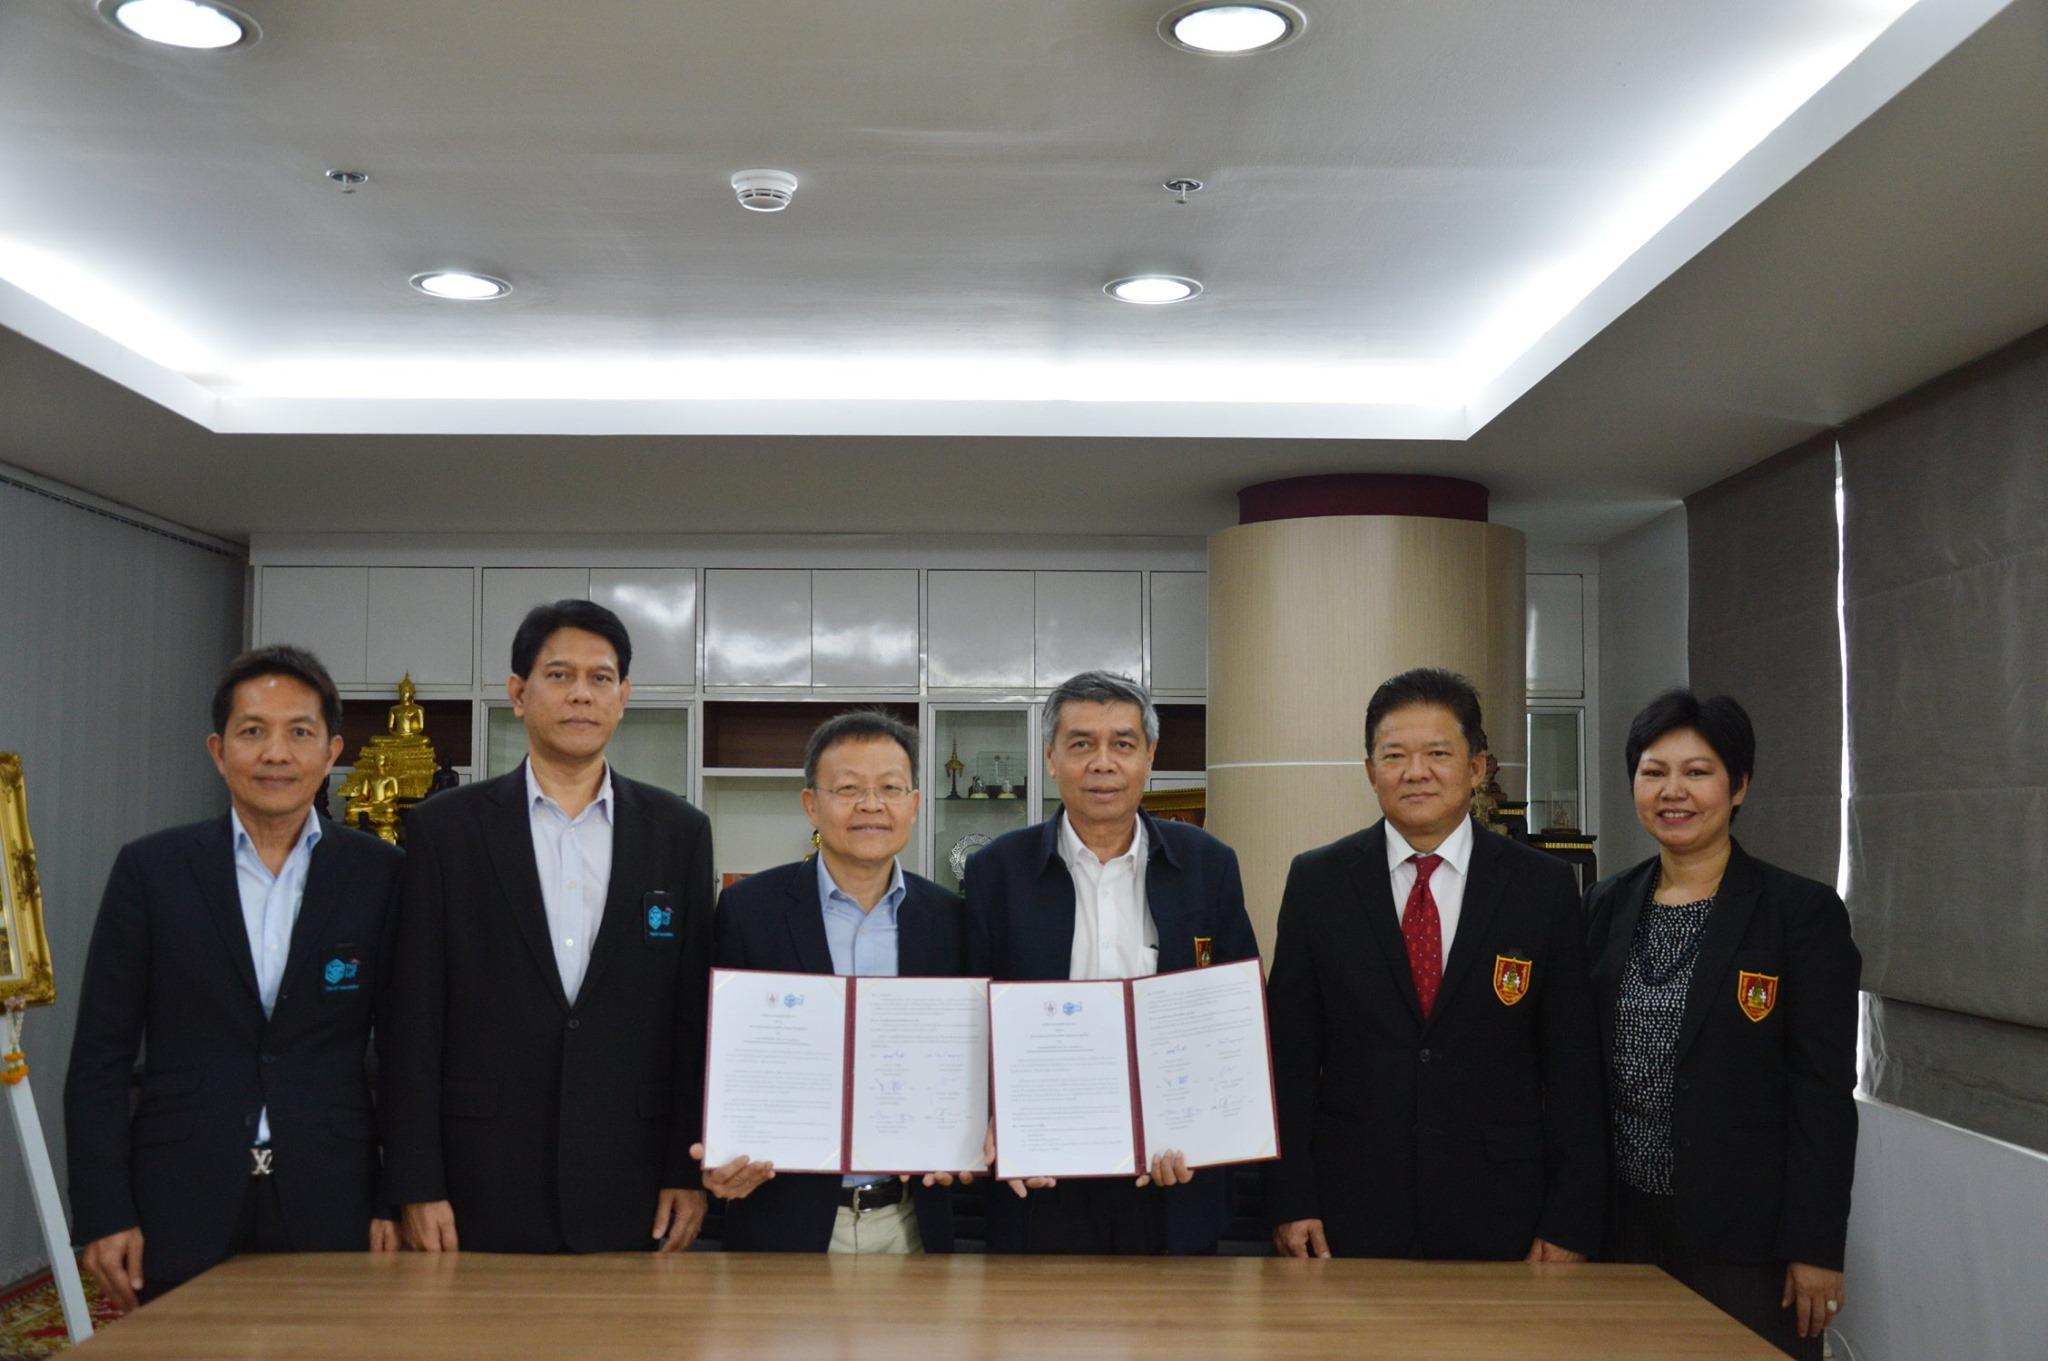 วสท.  ลงนามบันทึกความร่วมมือด้านวิชาการ กับสมาคมไทยไอโอที (THAI IOT Association)